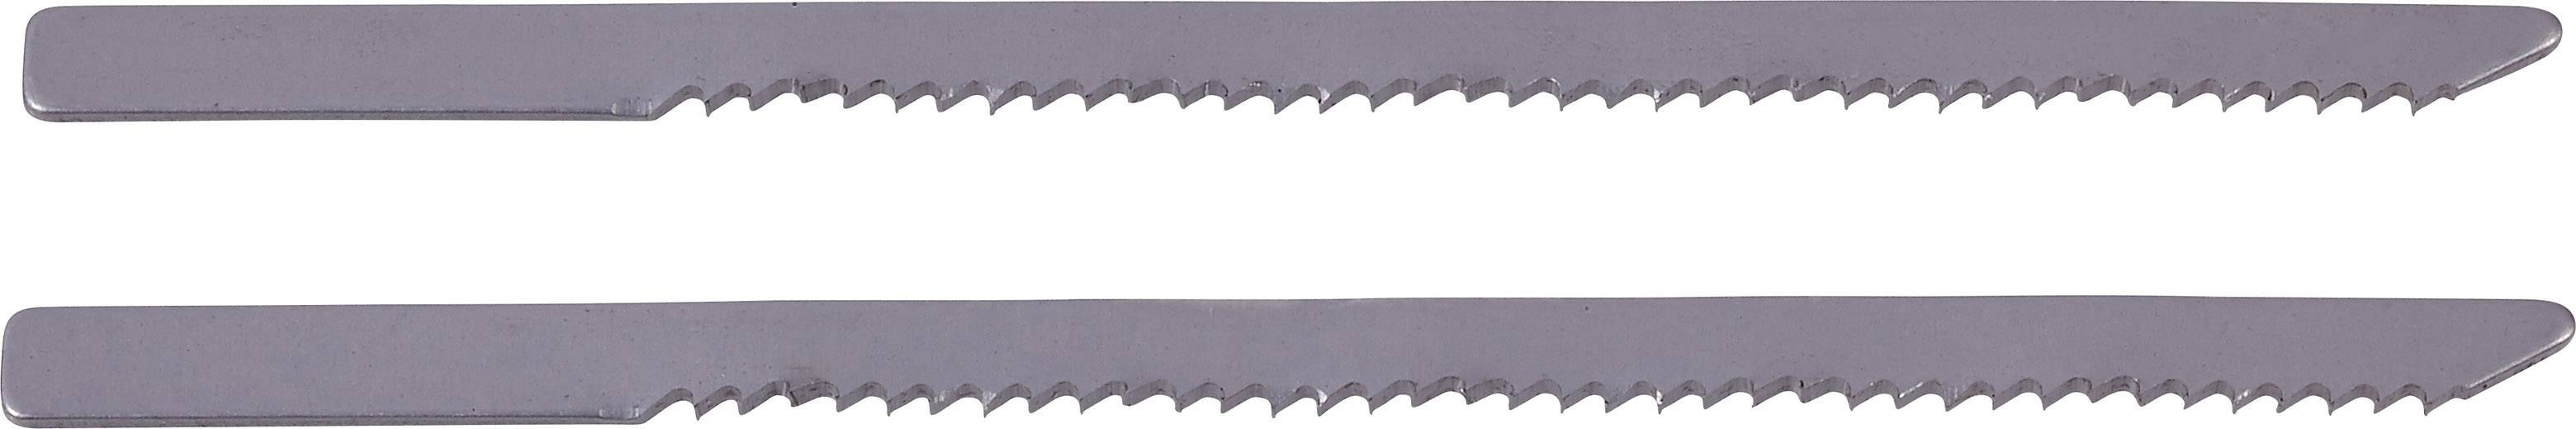 Náhradní pilové listy Proxxon,2 ks s jemným ozubením